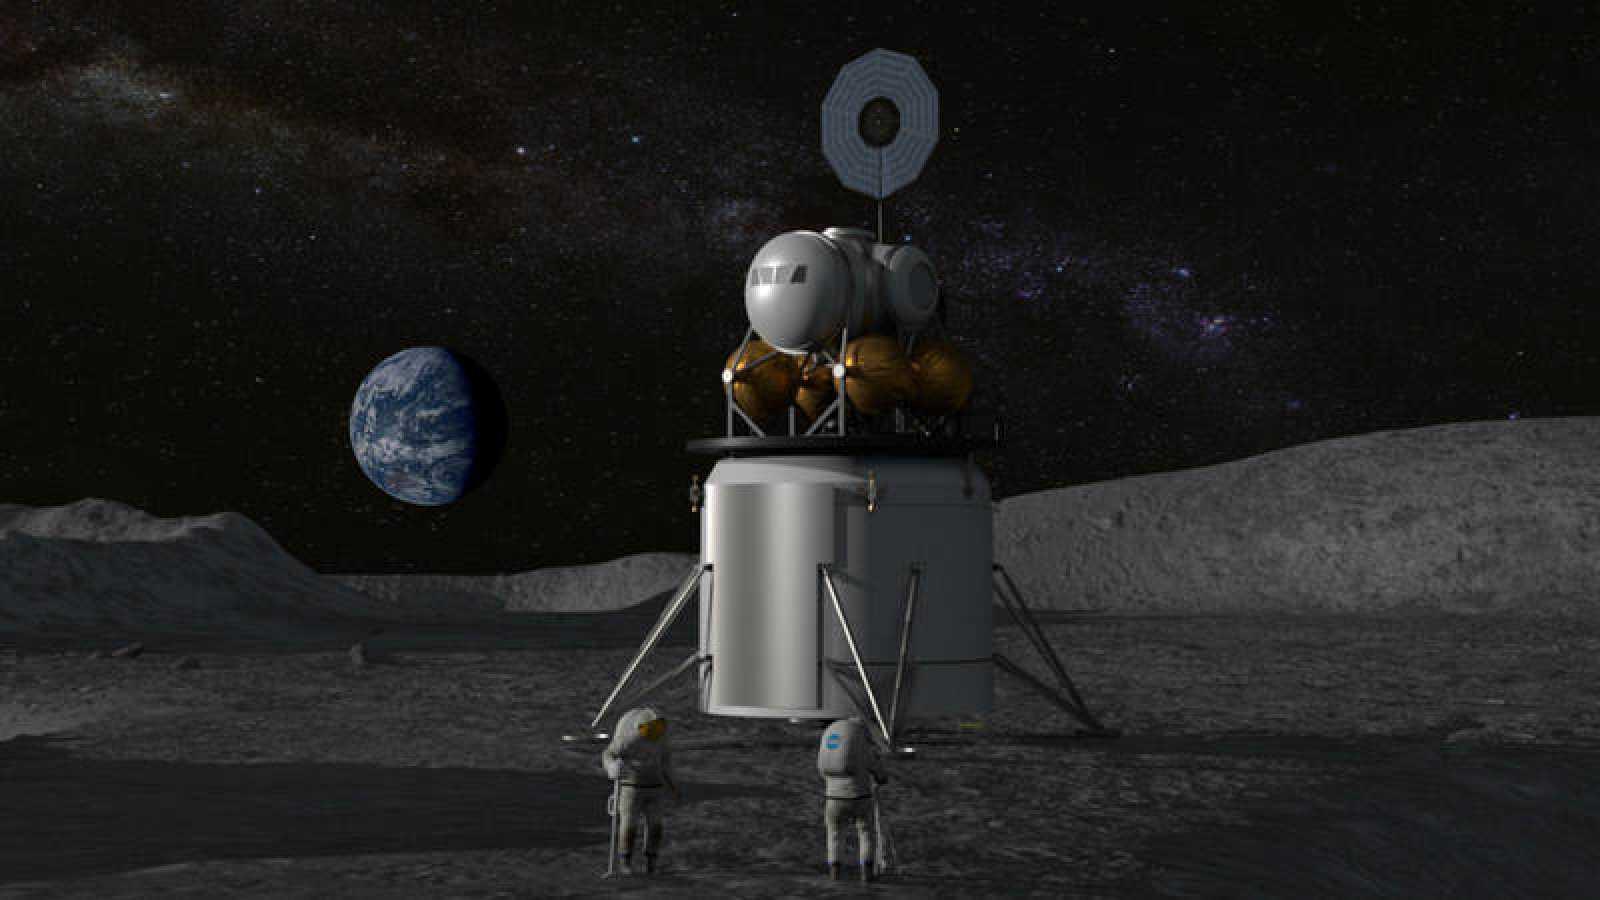 50 aniversario de la llegada a la Luna De Apolo a Artemisa, el programa de la NASA para volver a pisar la Luna en 2024  ?w=1600&i=1562075145289